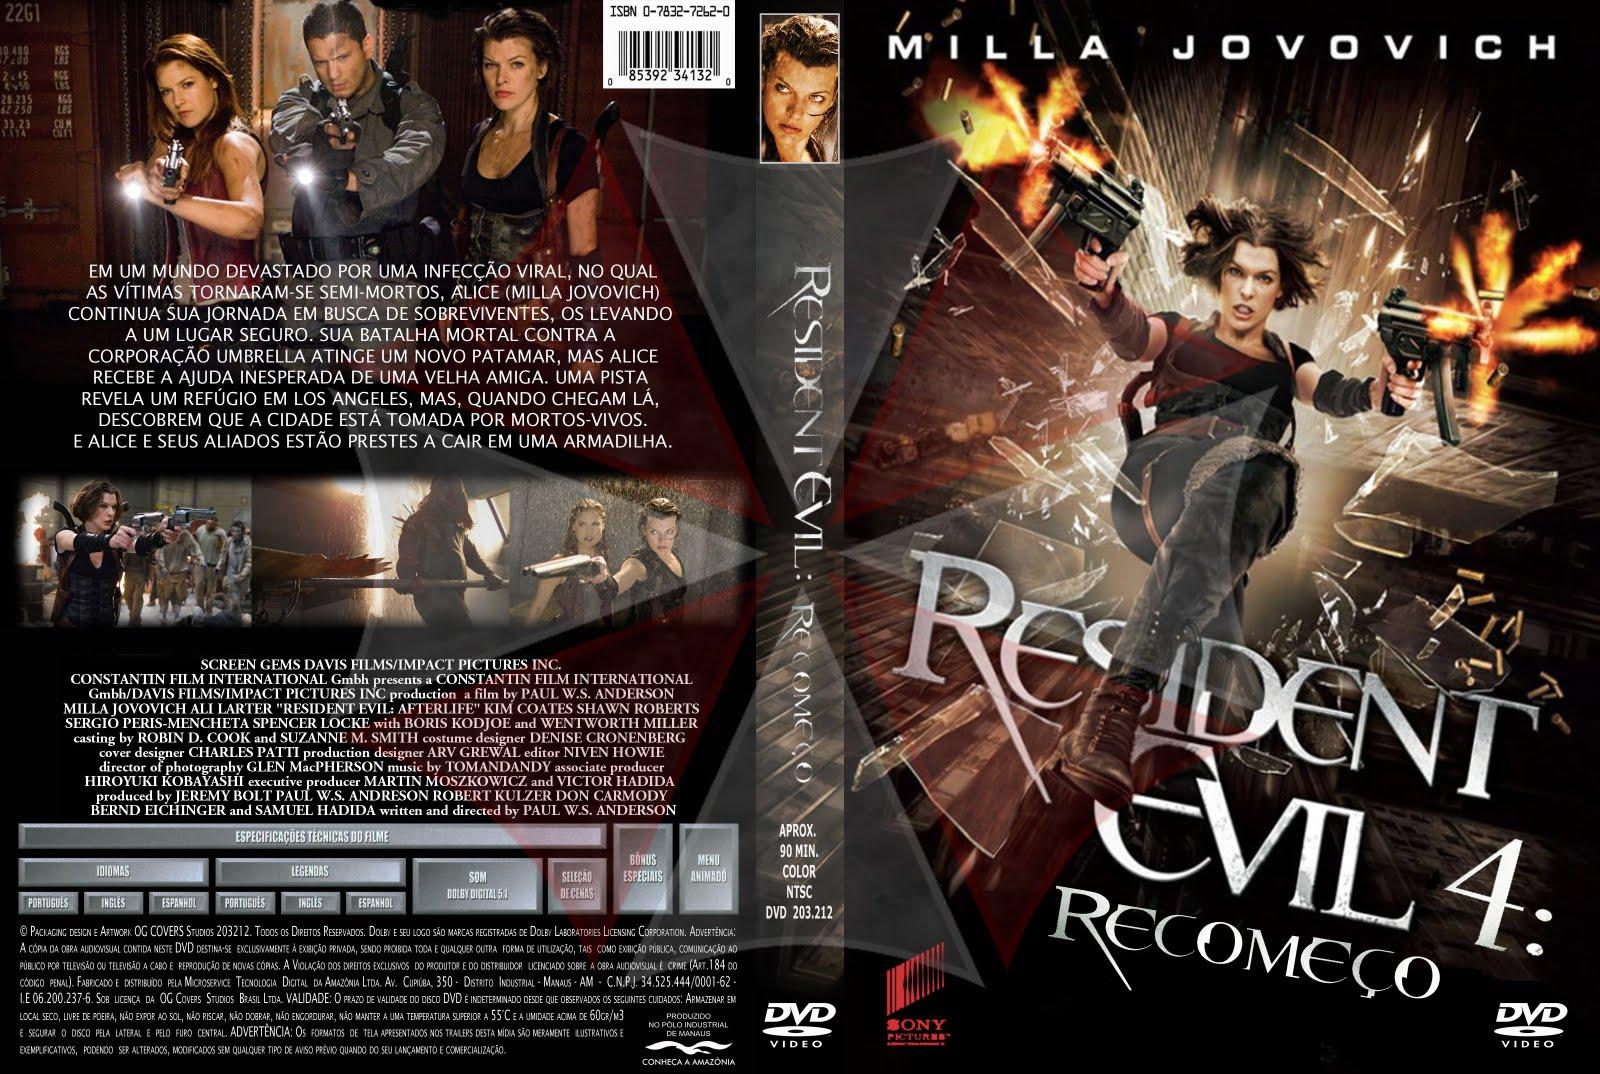 filme resident evil 4 recomeo dublado rmvb